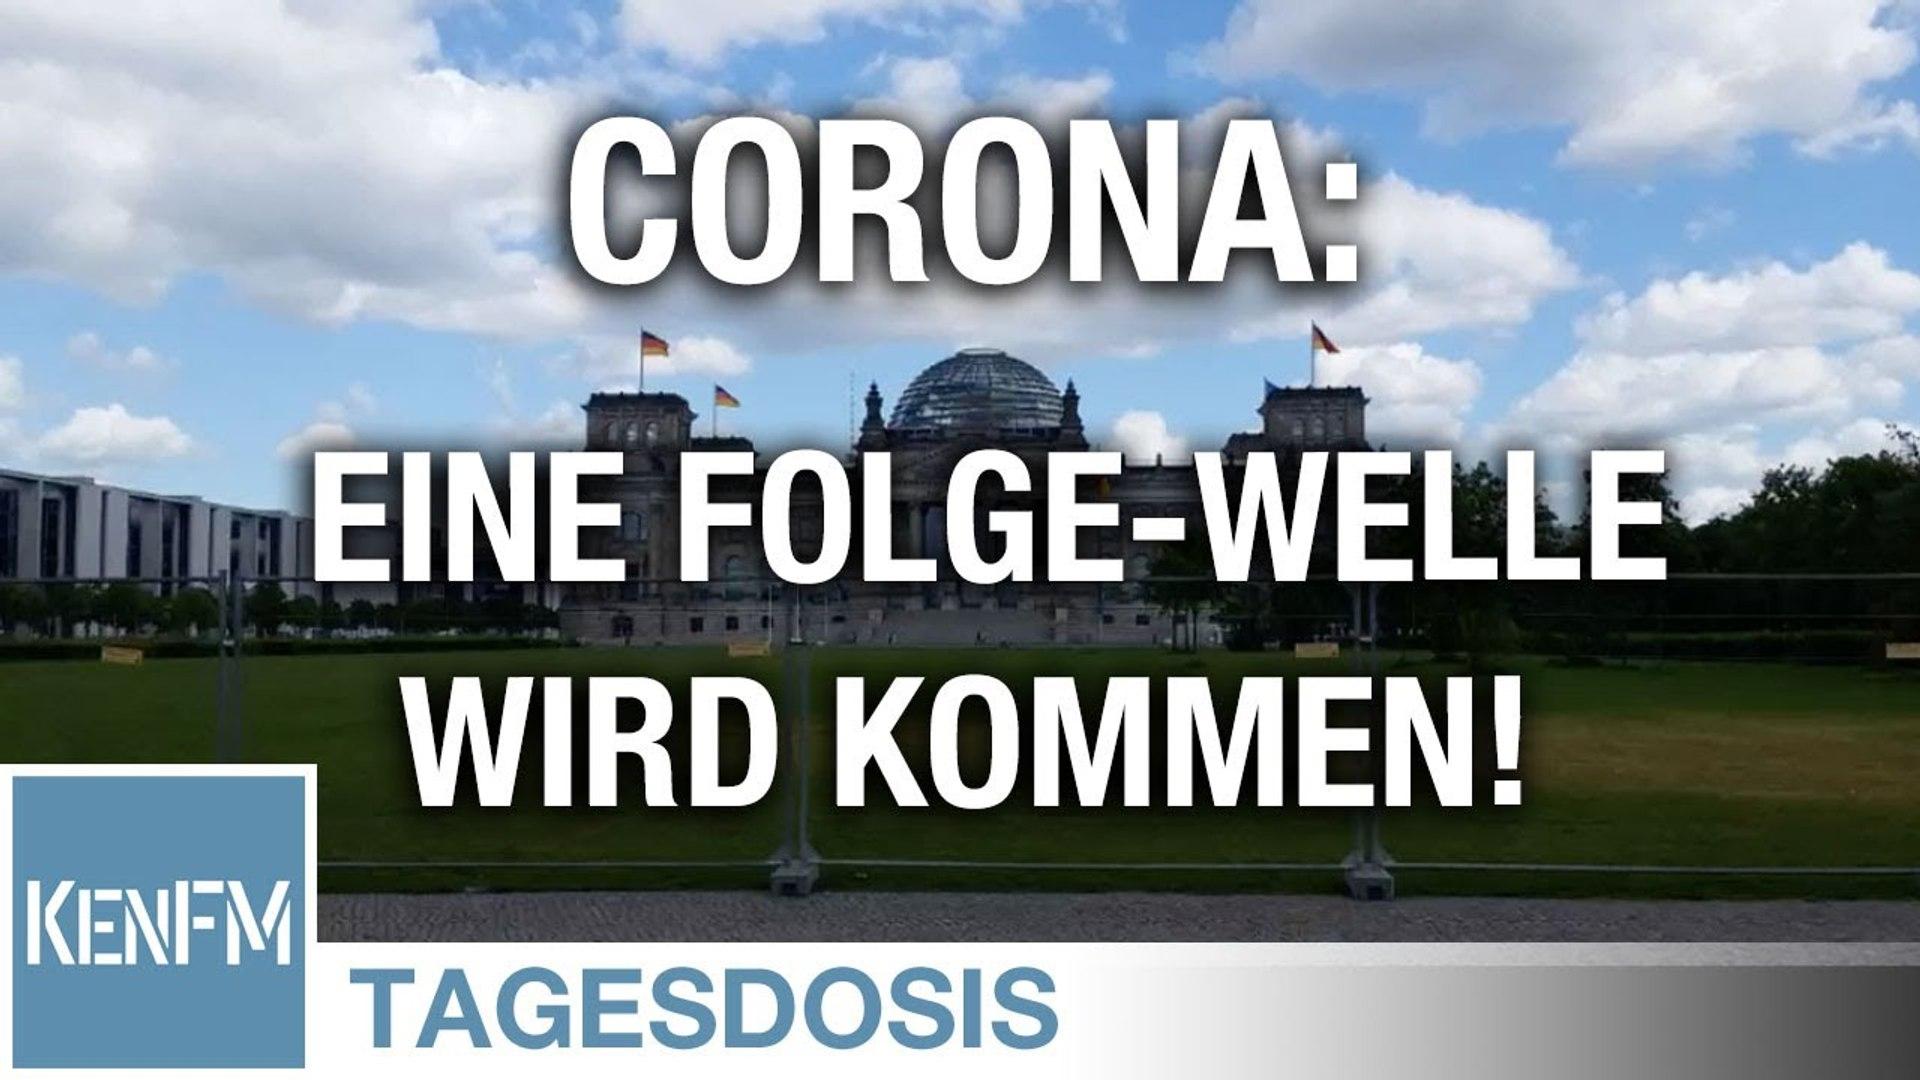 Corona. Eine Folge-Welle wird kommen, mit Gewissheit - Tagesdosis 28.5.2020